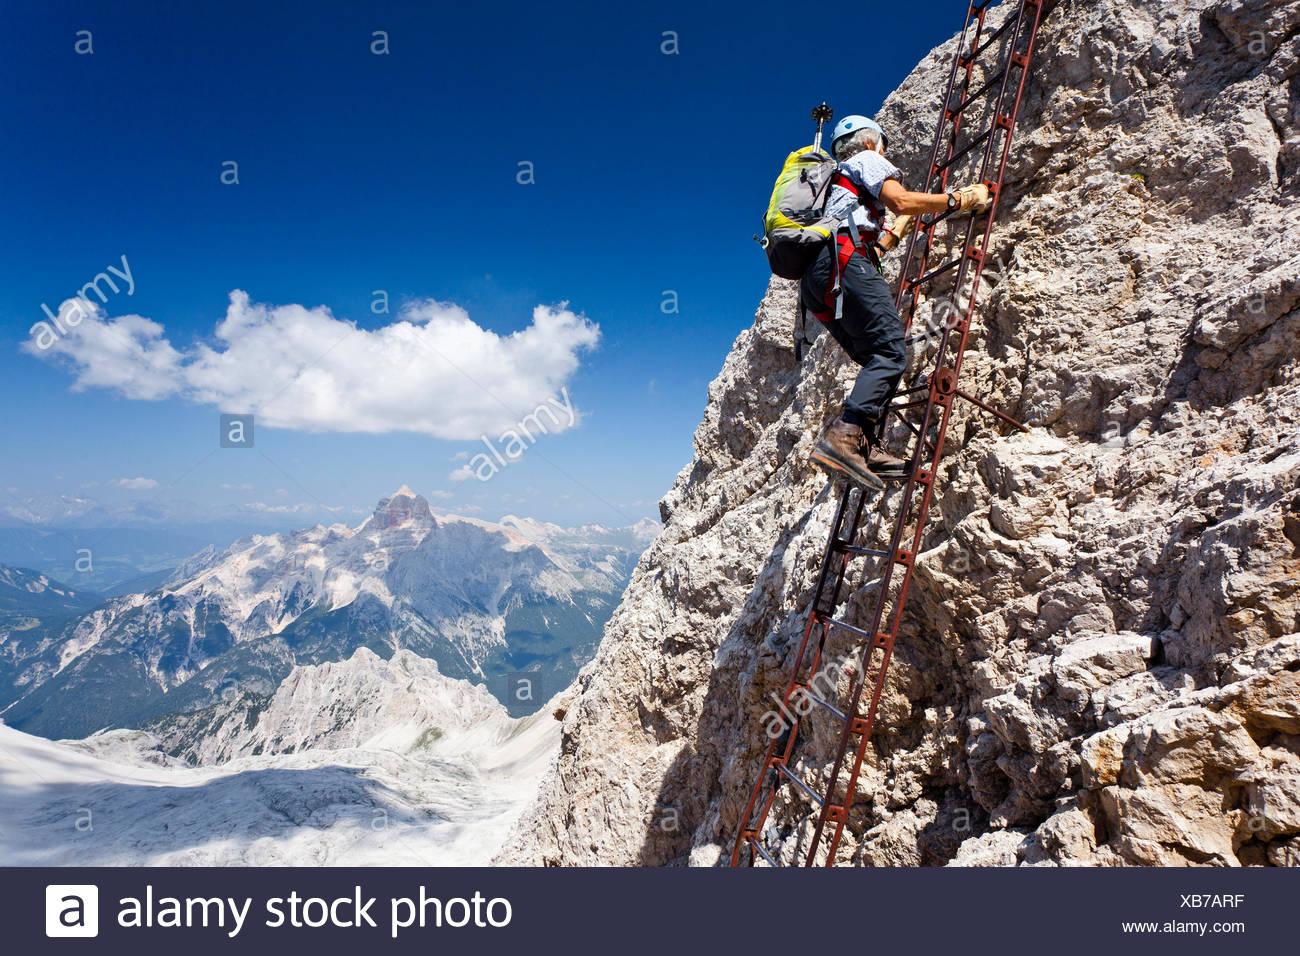 Klettersteig Via Ferrata : Klettersteig pietramurata via ferrata klettersteige